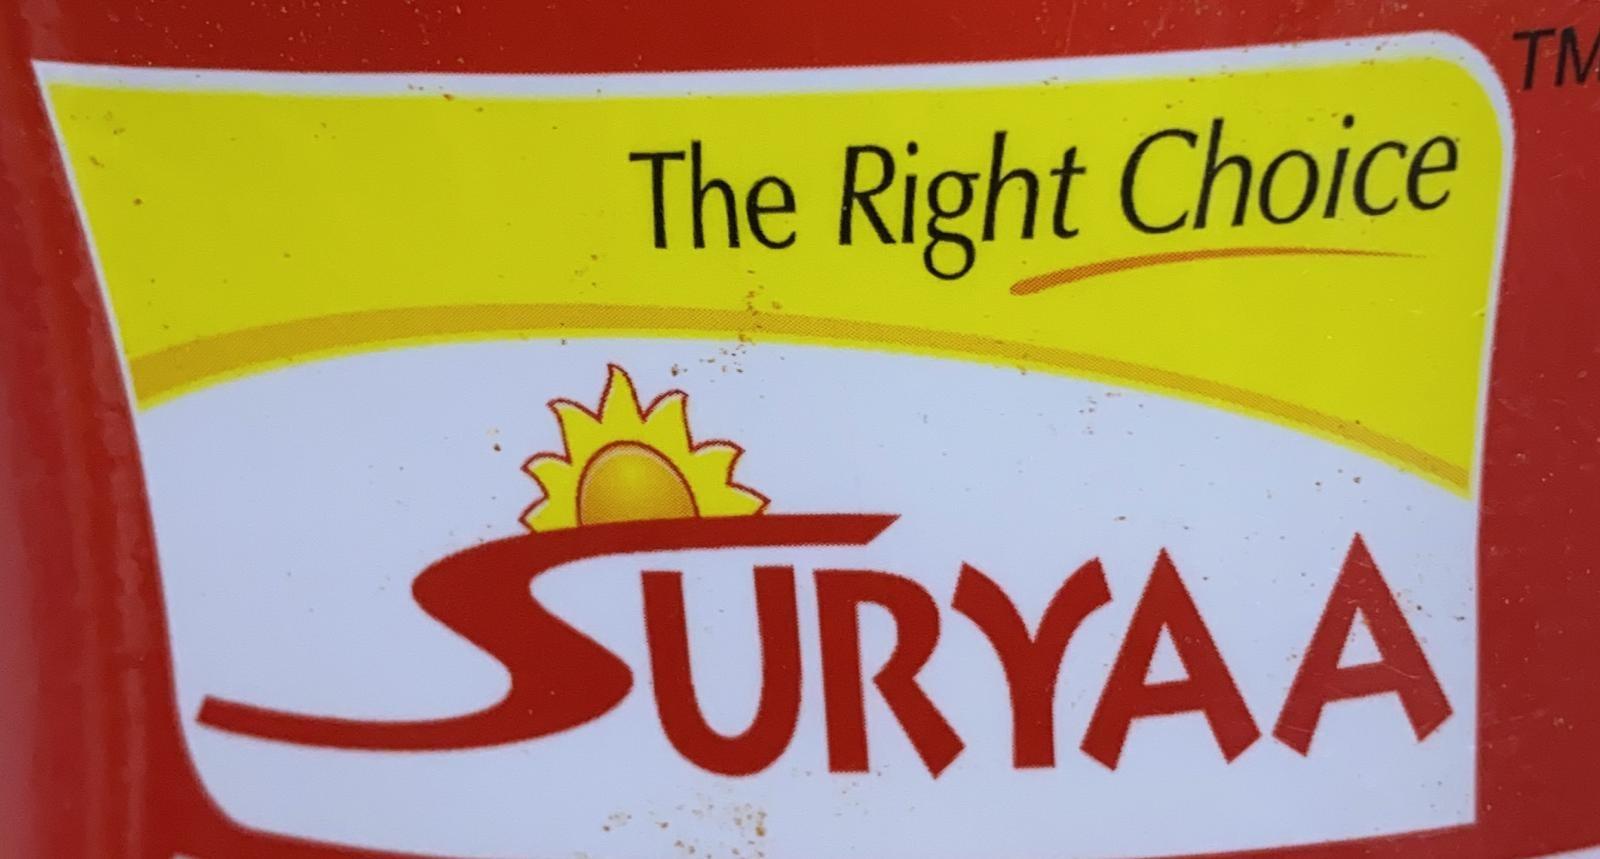 Suryaa